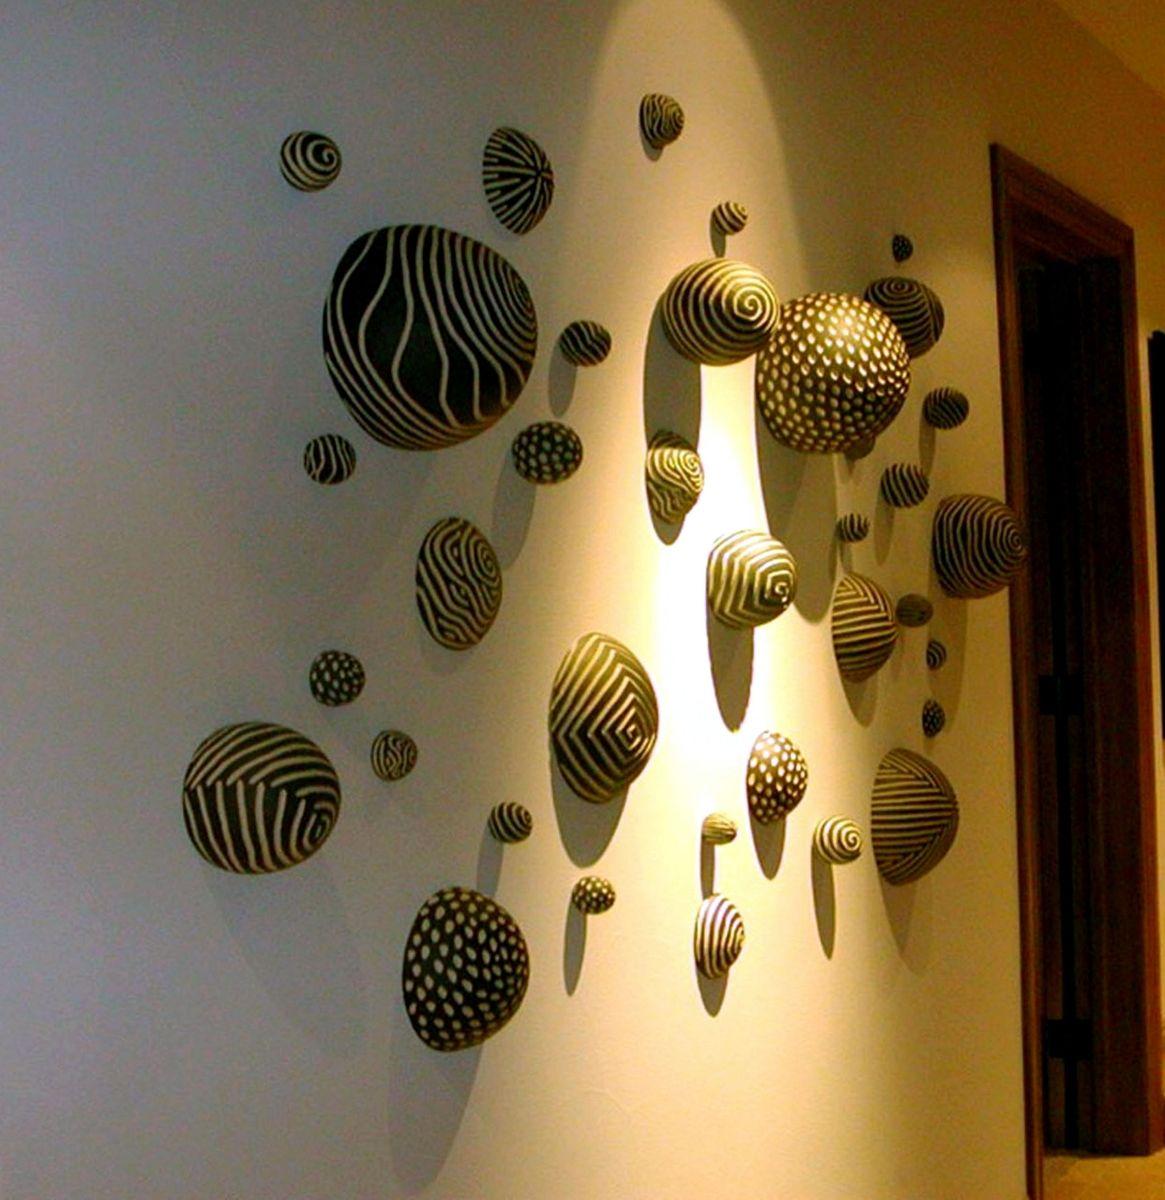 Custom Made Ceramic Wall Installation By Larry Halvorsen